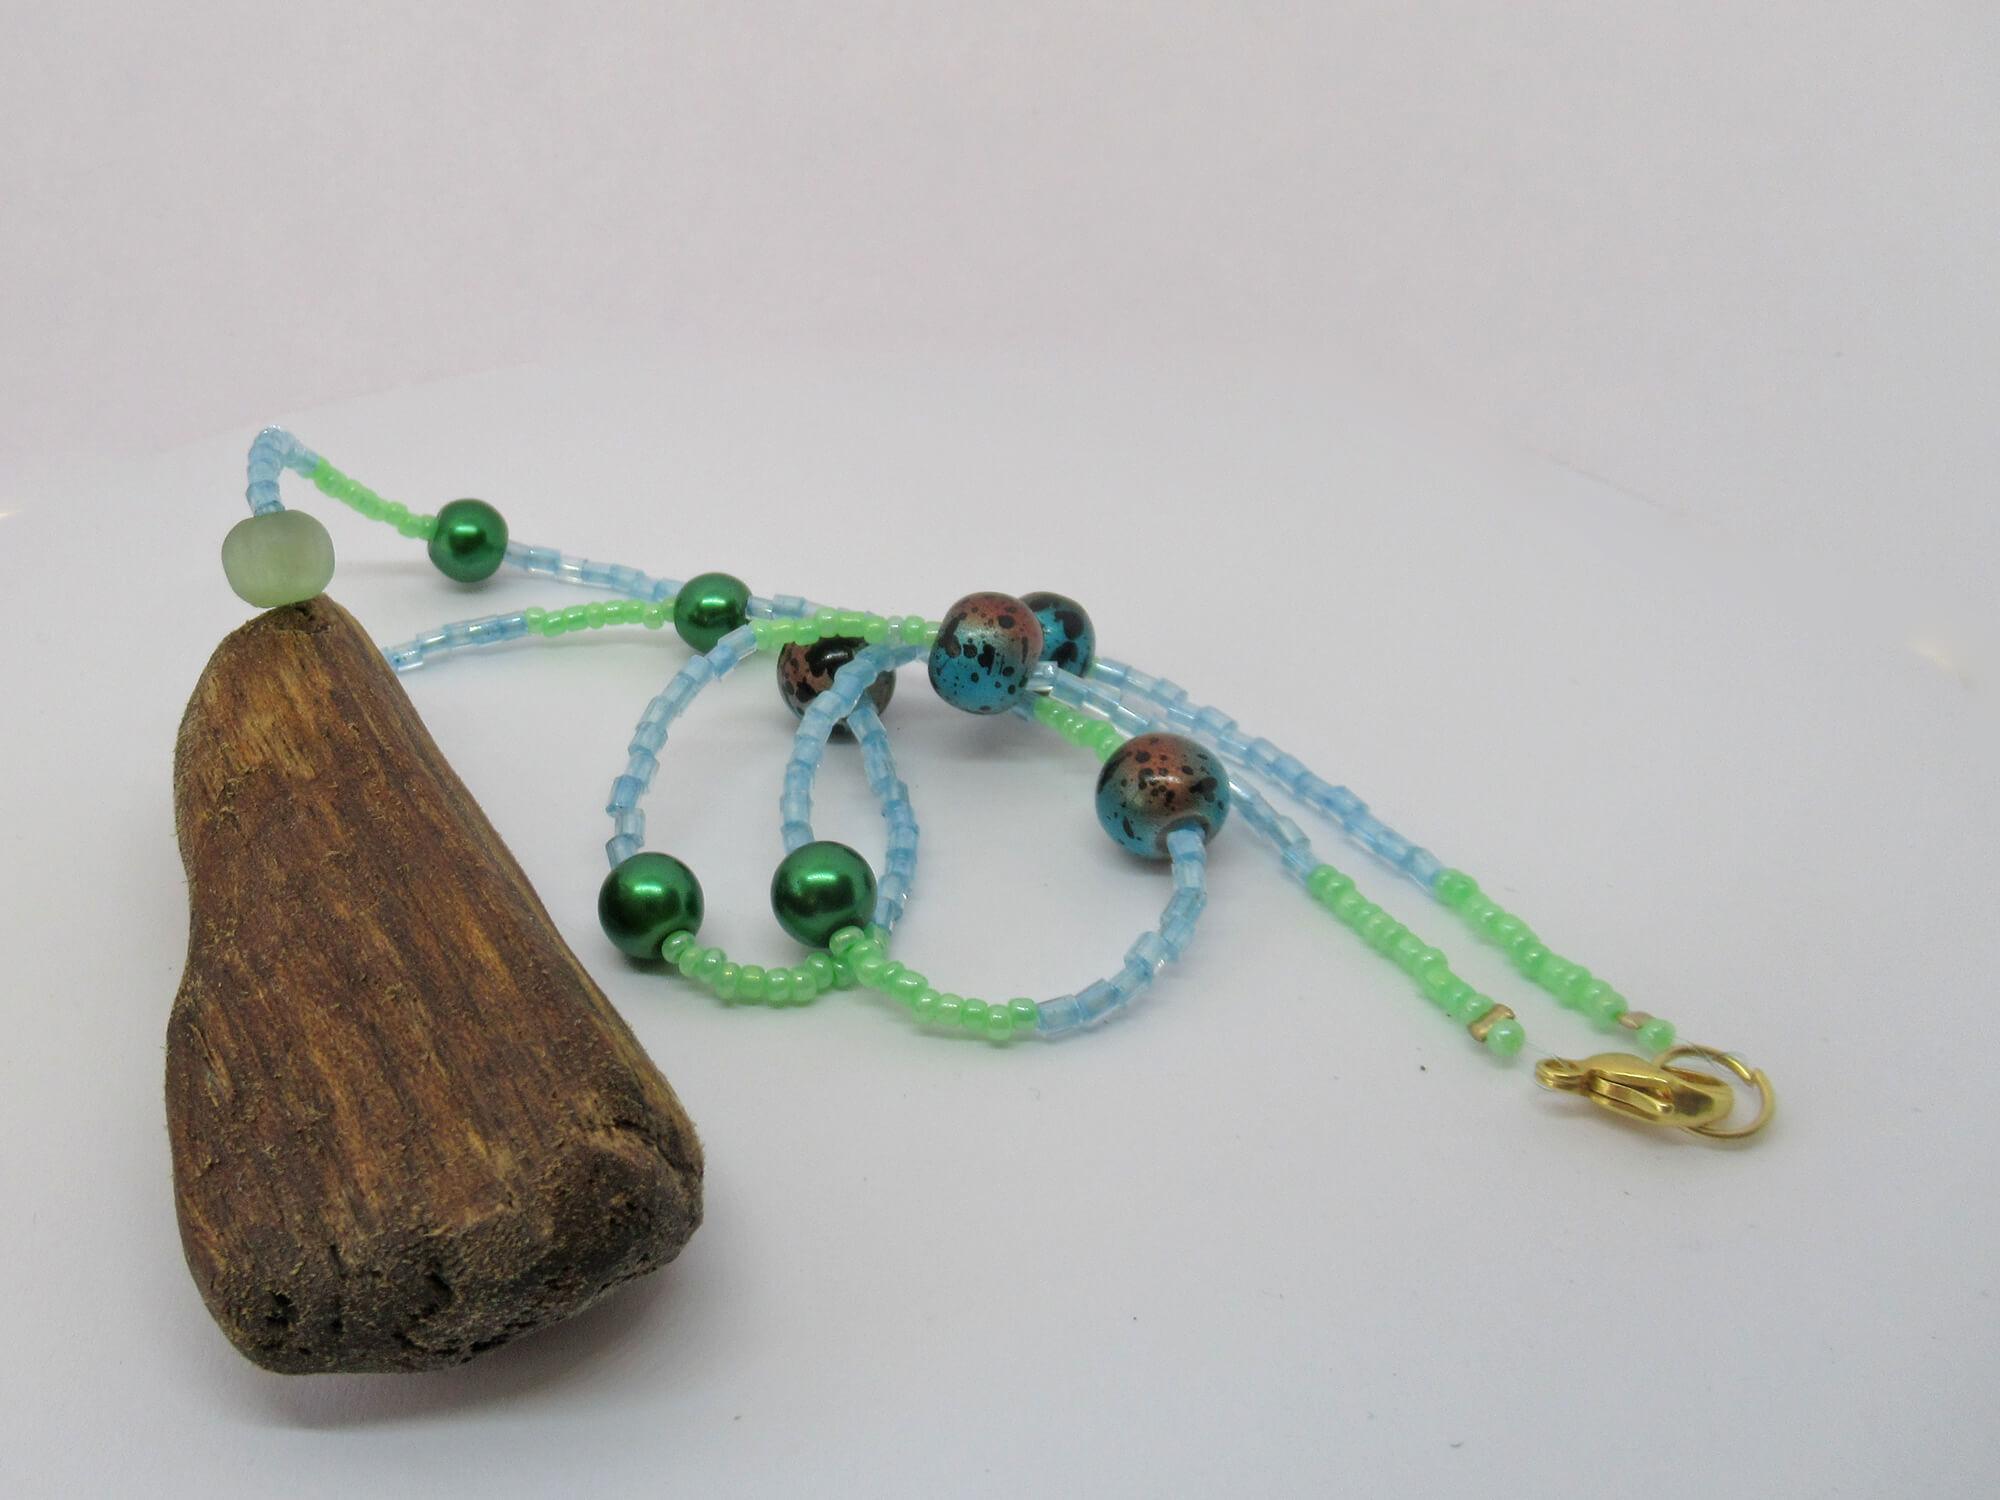 Treibholzkette mit hübschen Perlen.